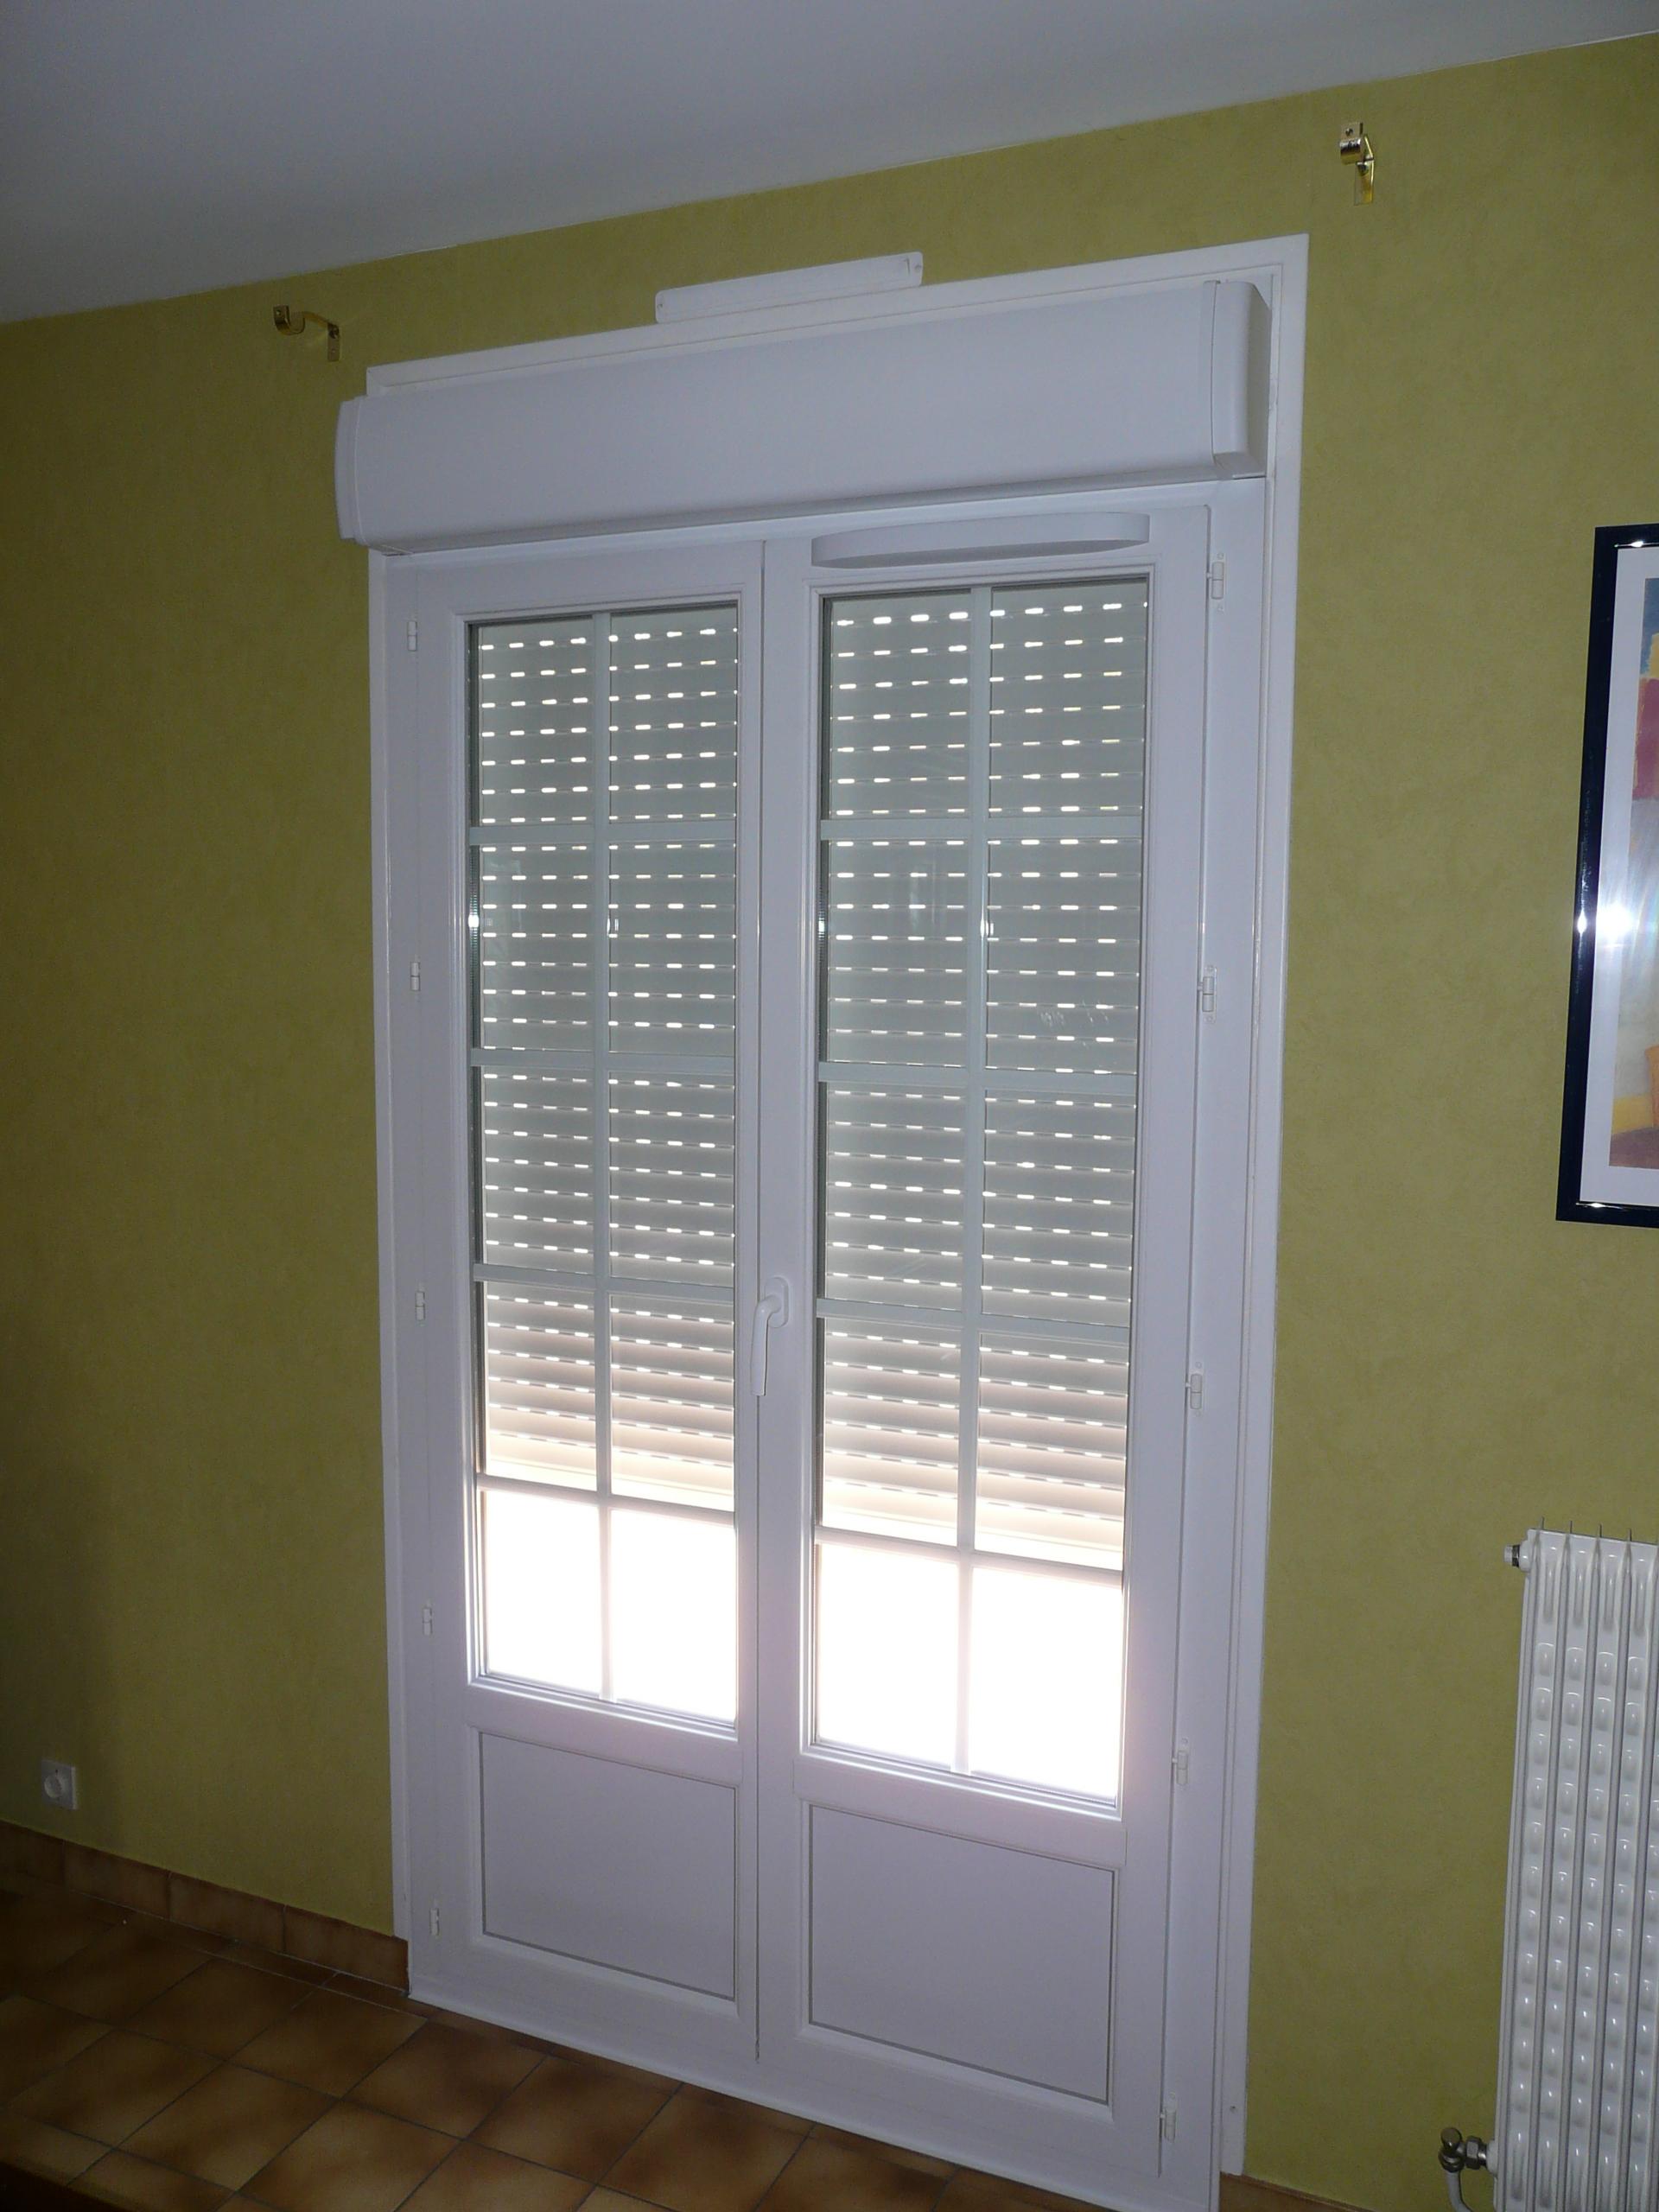 Nouvelle Collection De Portes Fenêtres En PVC Maroc - Porte fenetre pvc